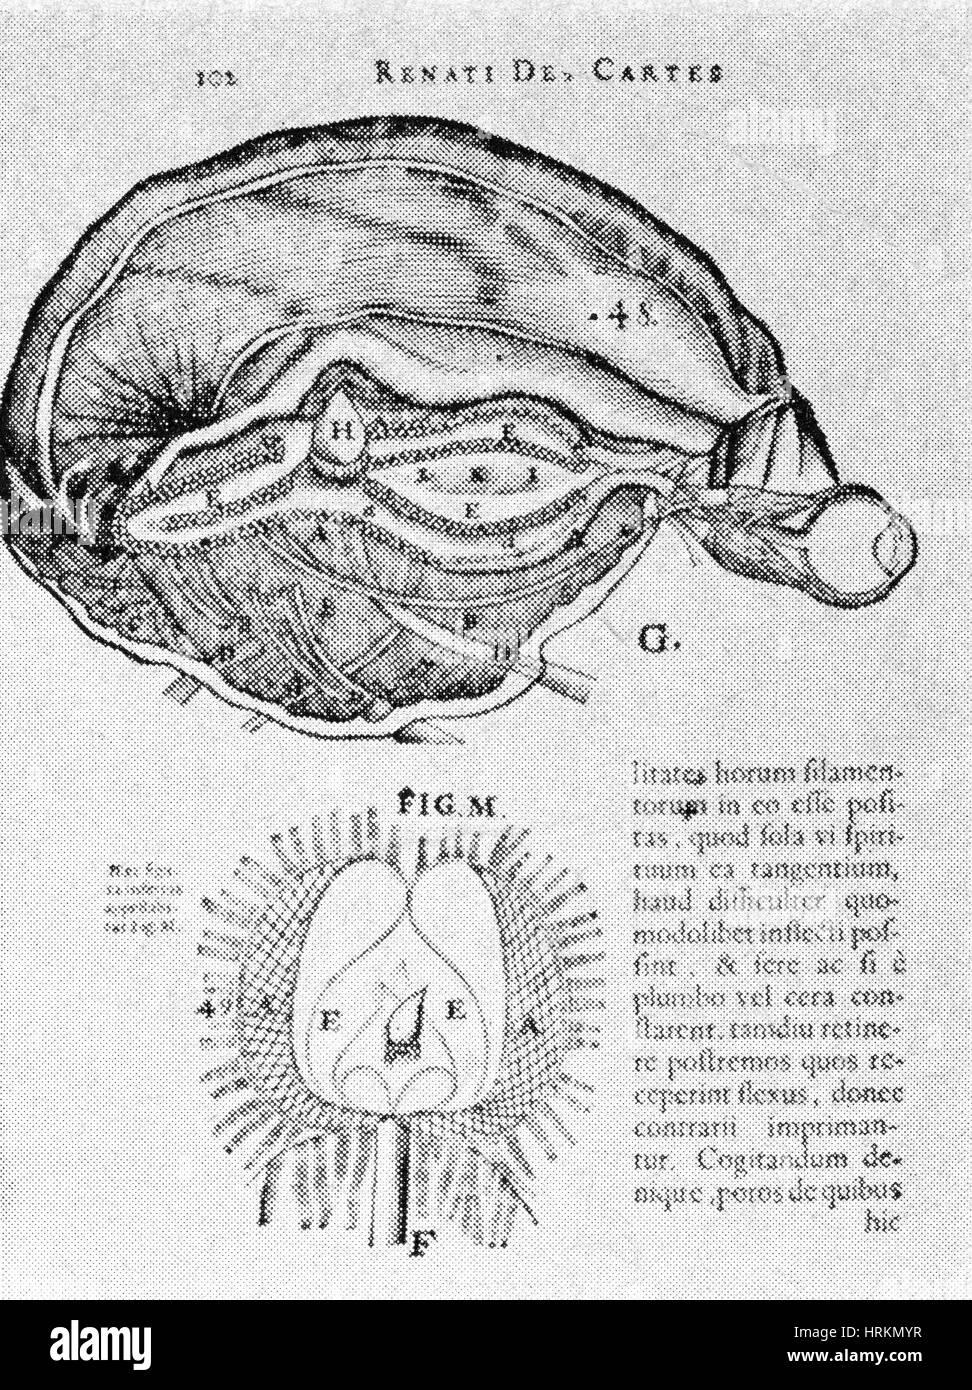 Cerebro y la Glándula Pineal Foto & Imagen De Stock: 135043211 - Alamy